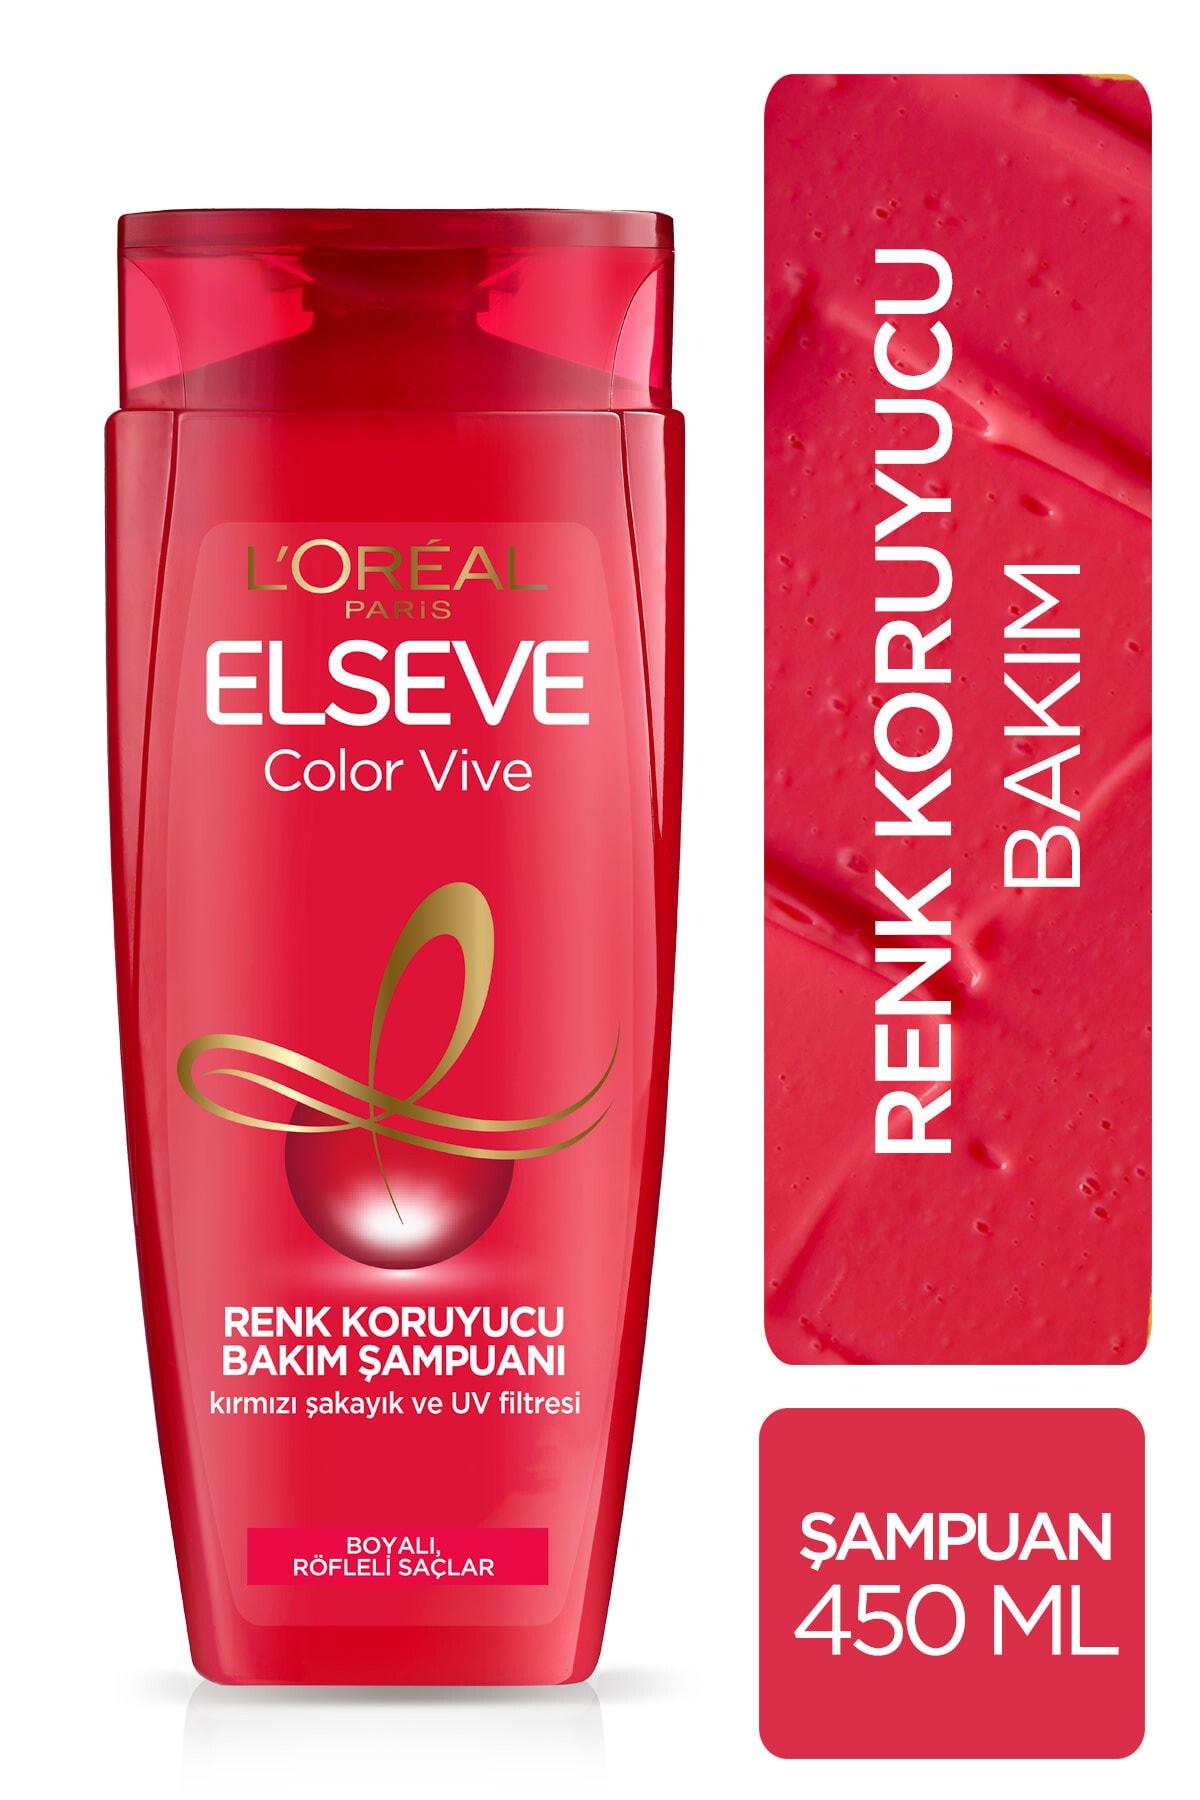 ELSEVE L'oréal Paris Colorvive Renk Koruyucu Bakım Şampuanı 450 ml 1